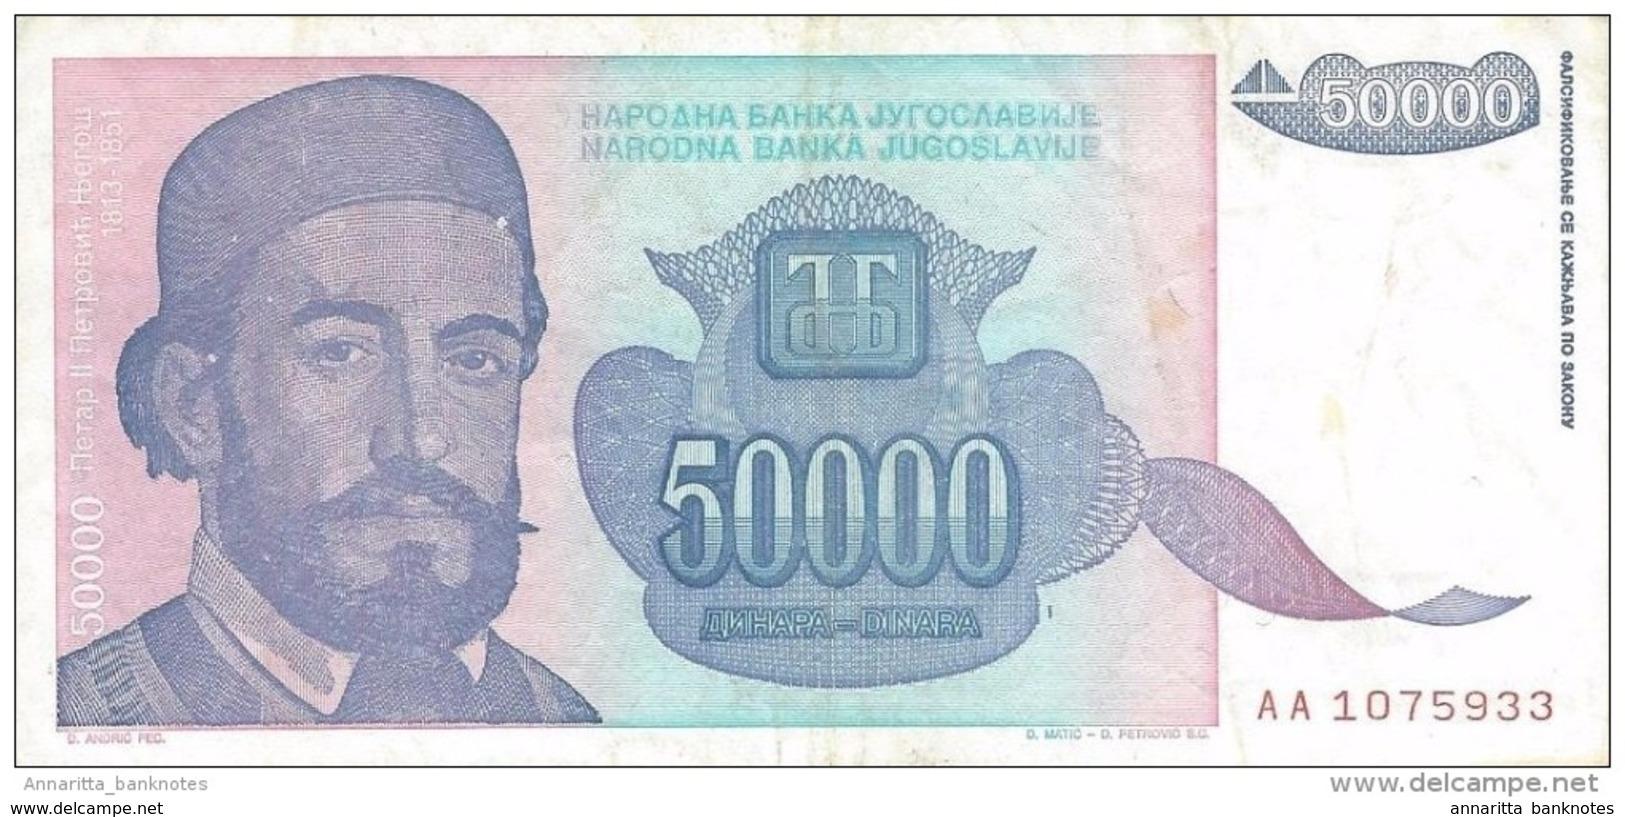 YOUGOSLAVIE 5000000 DINARA 1993 P-132 SUP [YU132au] - Joegoslavië